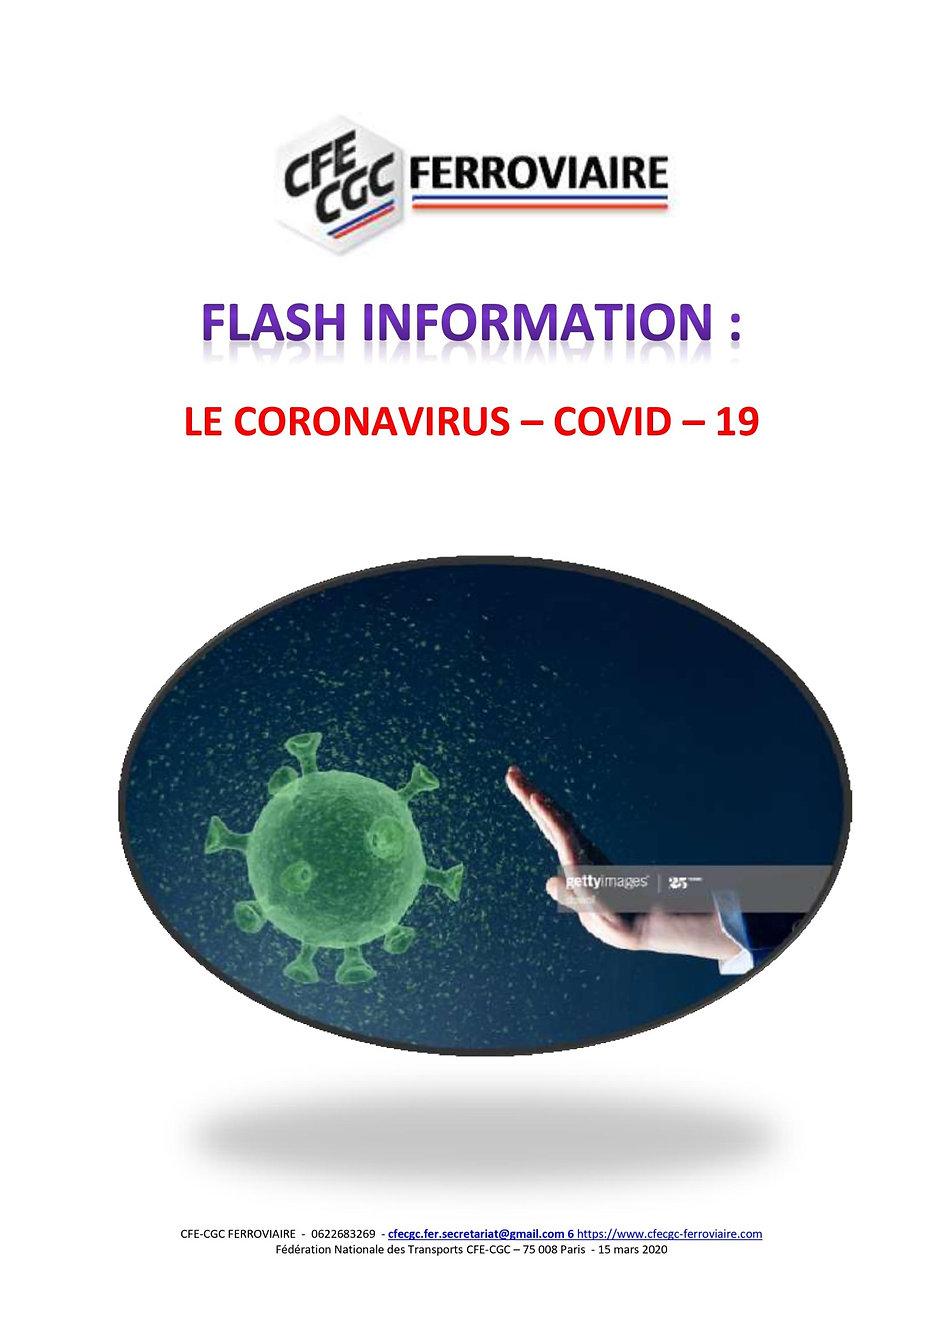 1 CORONVIRUS.jpg